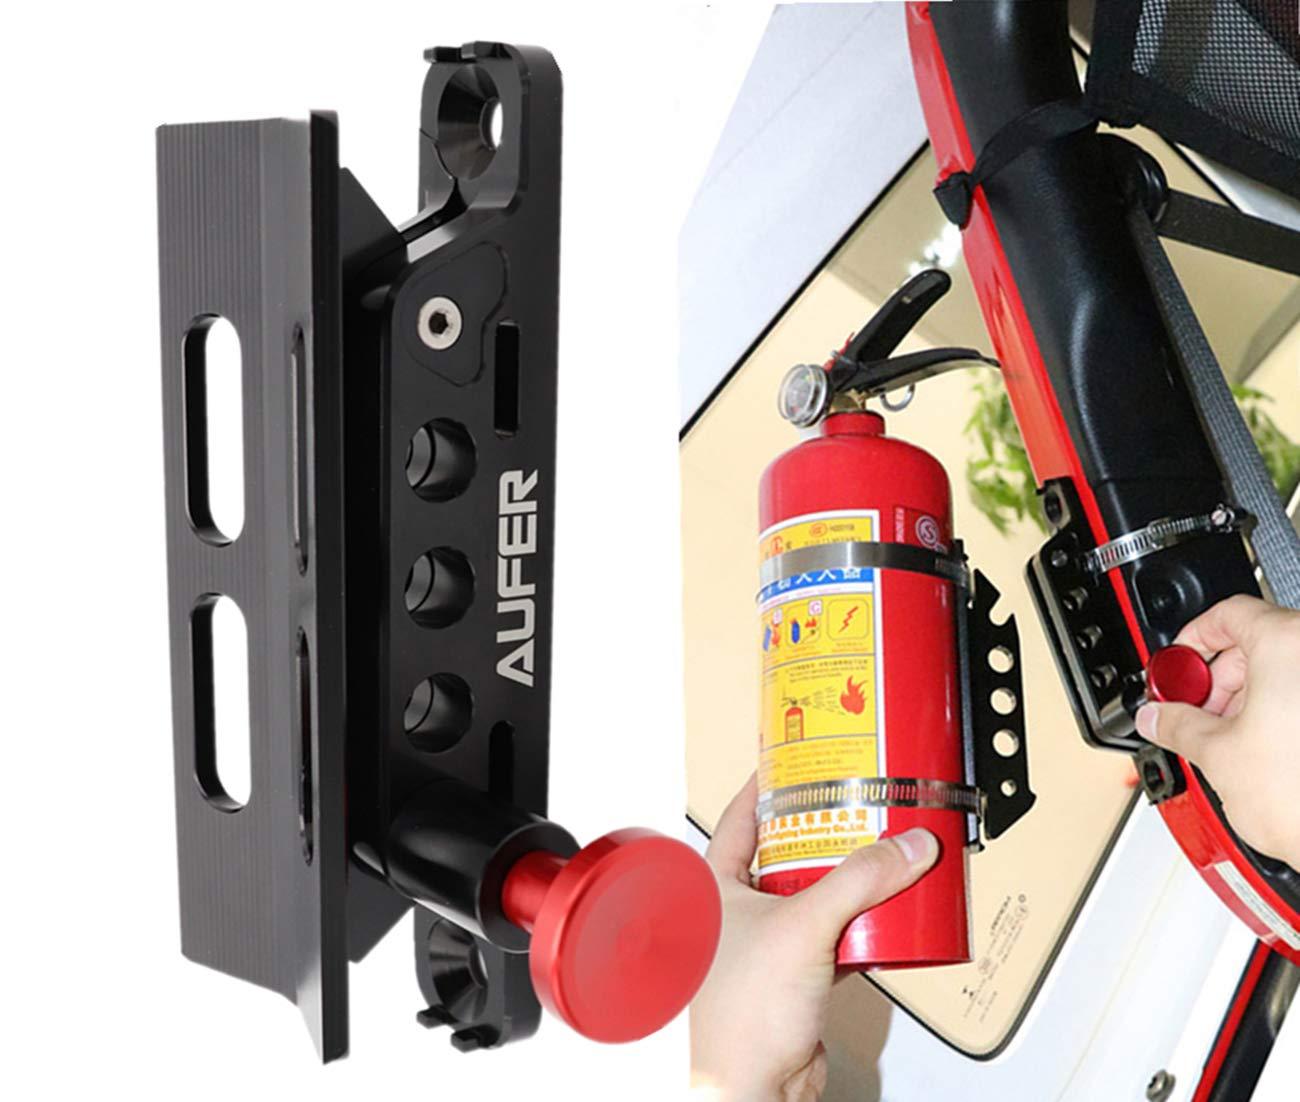 AUFER Universal Adjustable Roll Bar Bottle/Fire Extinguisher Holder Mount,Adjustable, Aluminum by AUFER